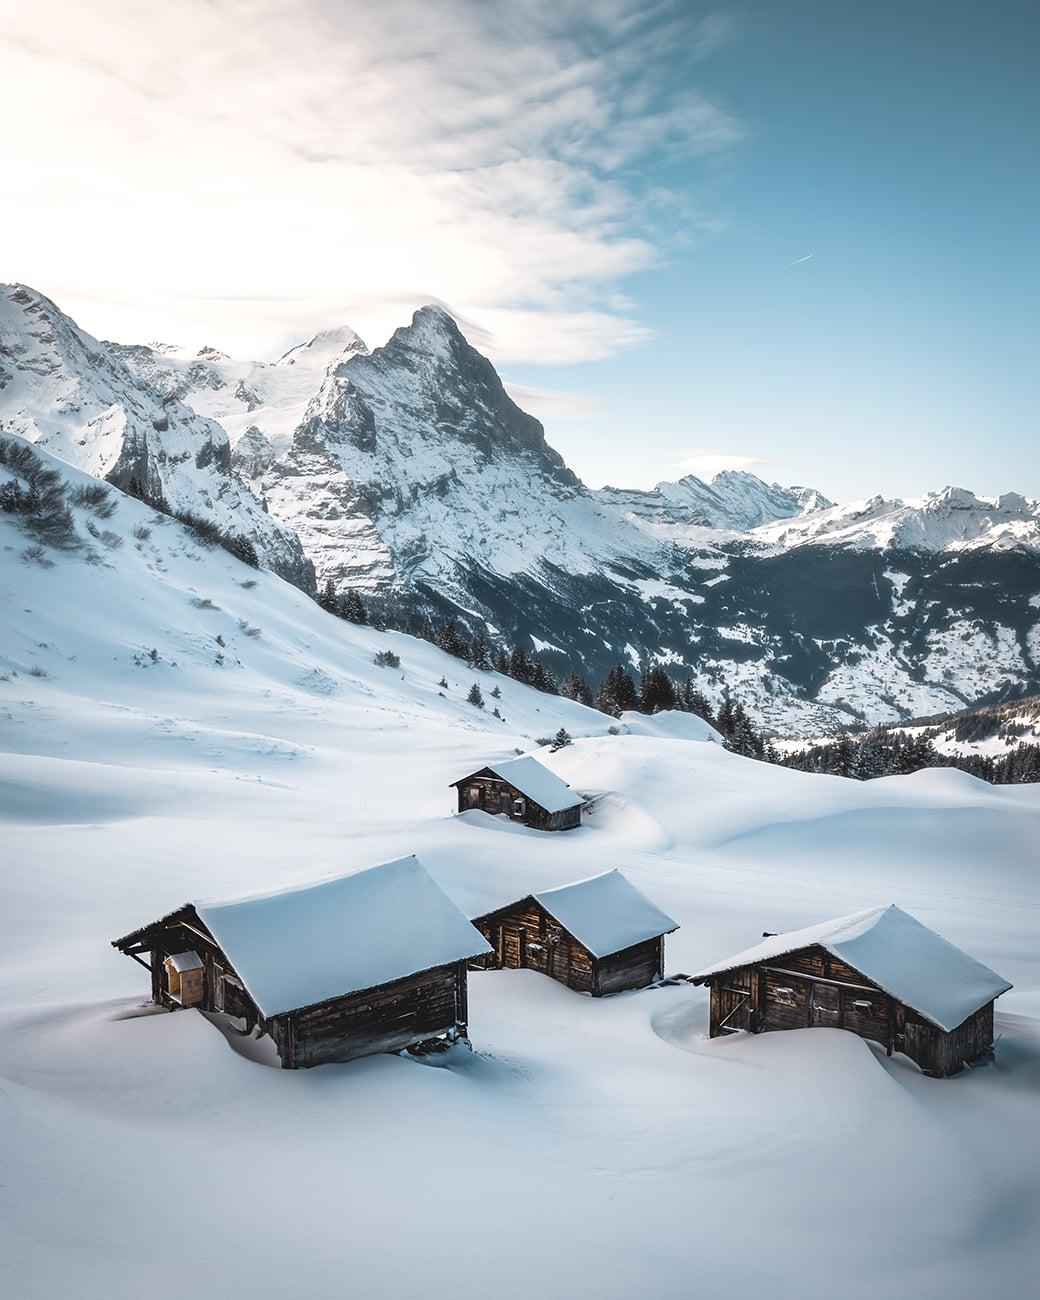 Grosse Scheidegg Grindelwald Winter